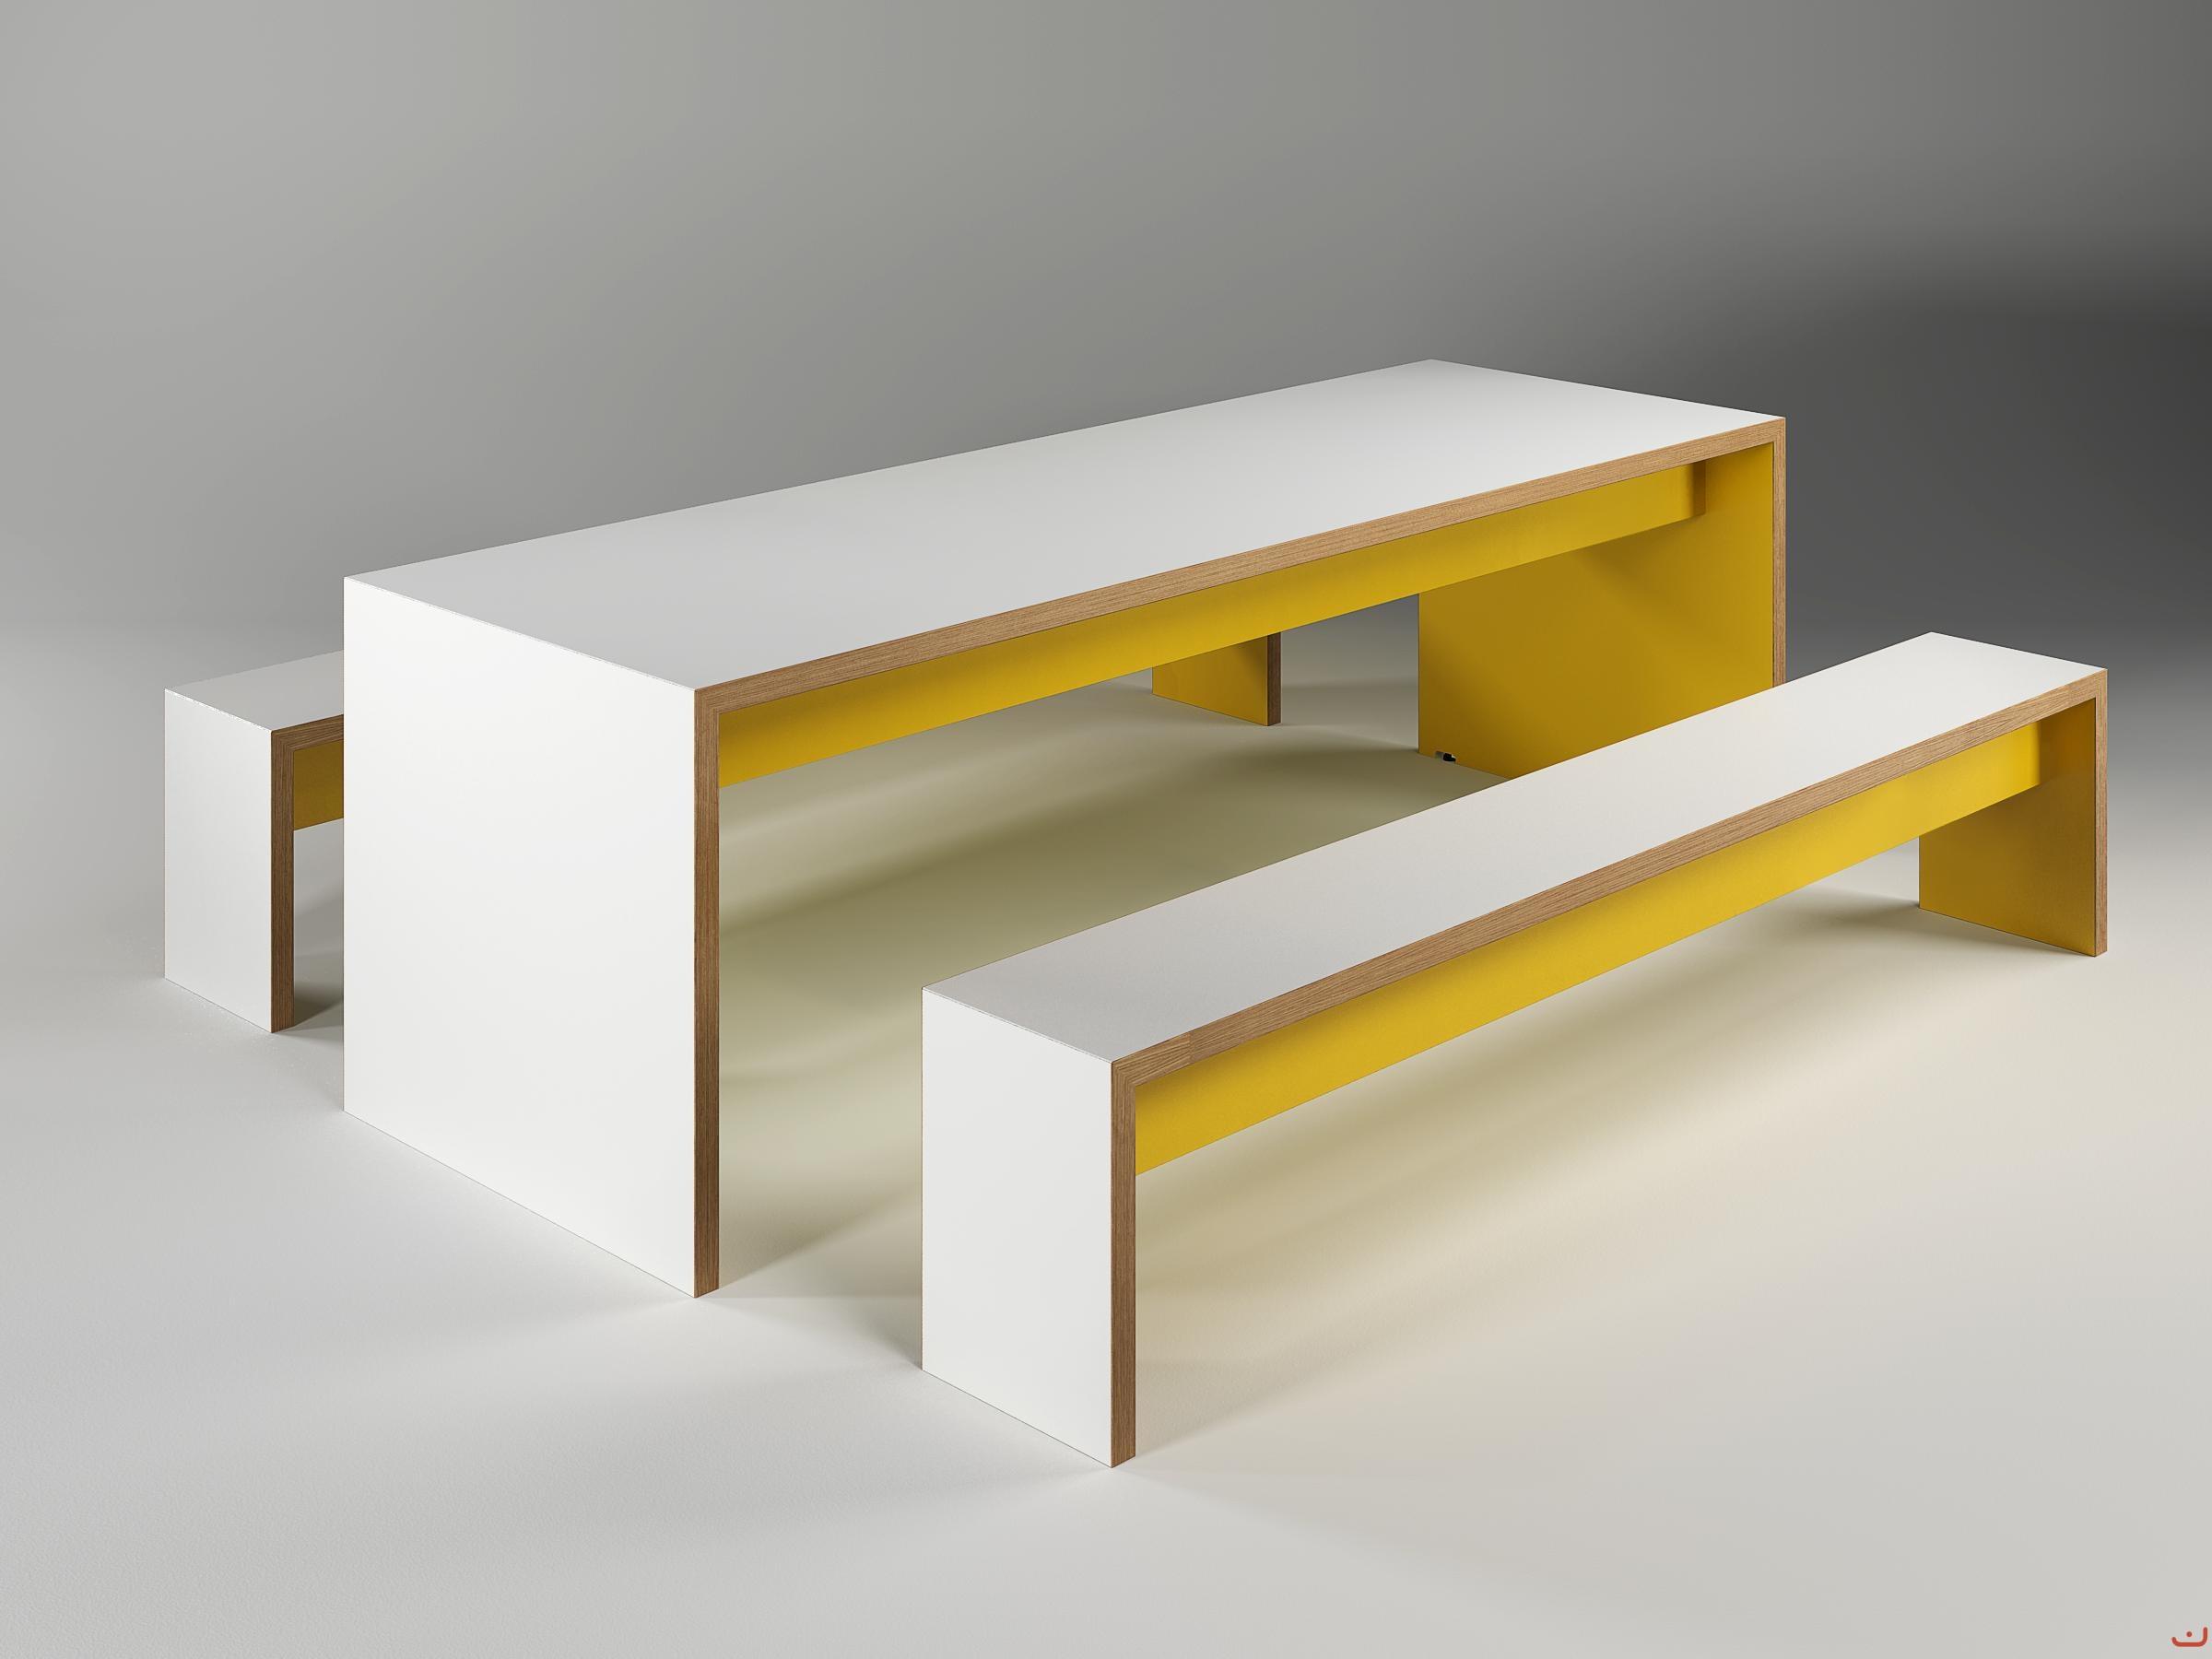 Jive-Canteen-Furniture-Yellow-Benching-Solid-Oak-Edging